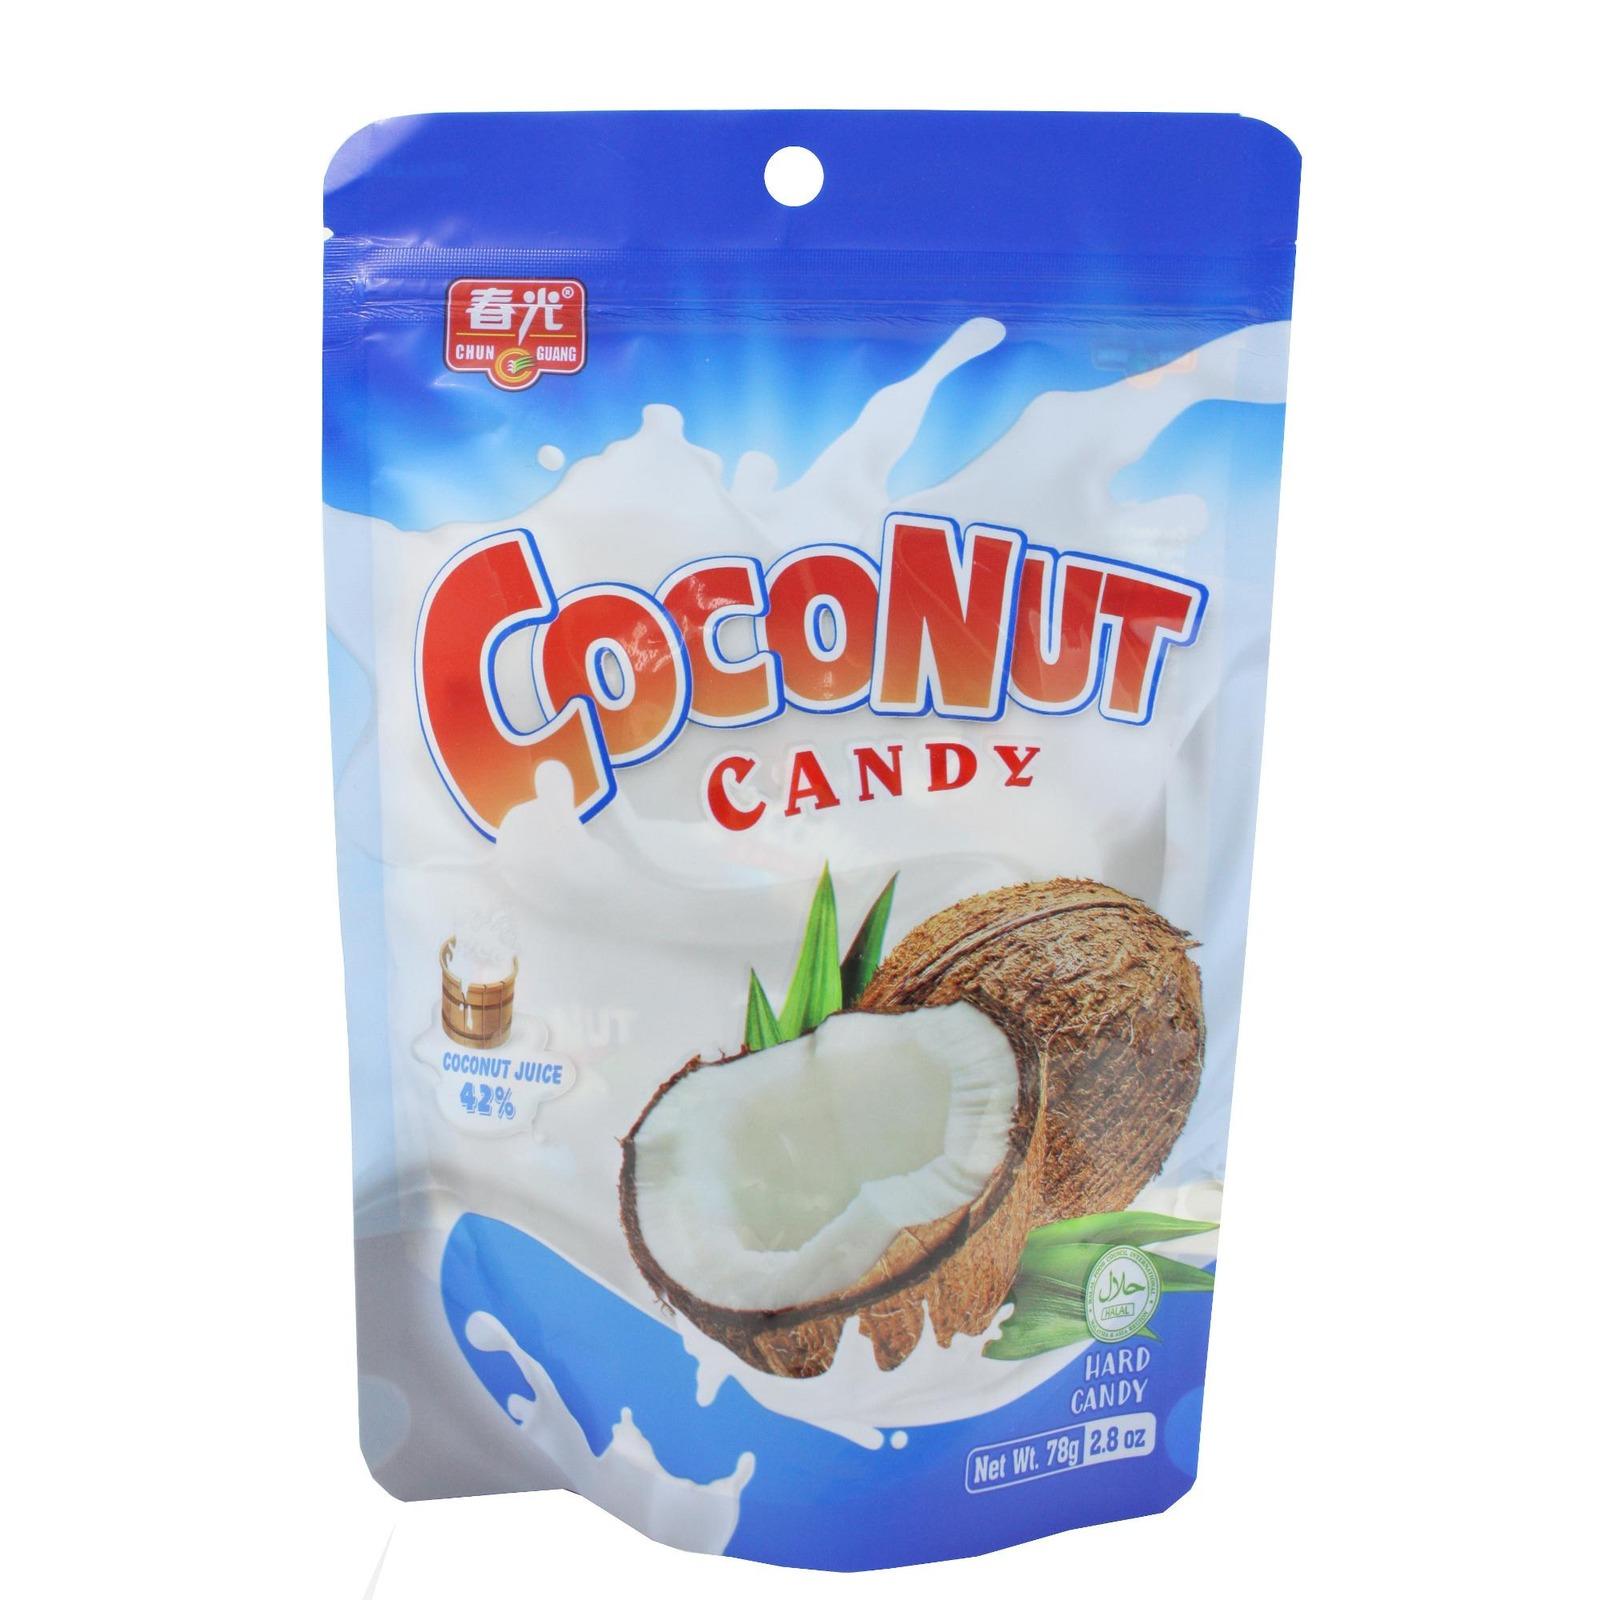 CHUN GUANG COCONUT CANDY